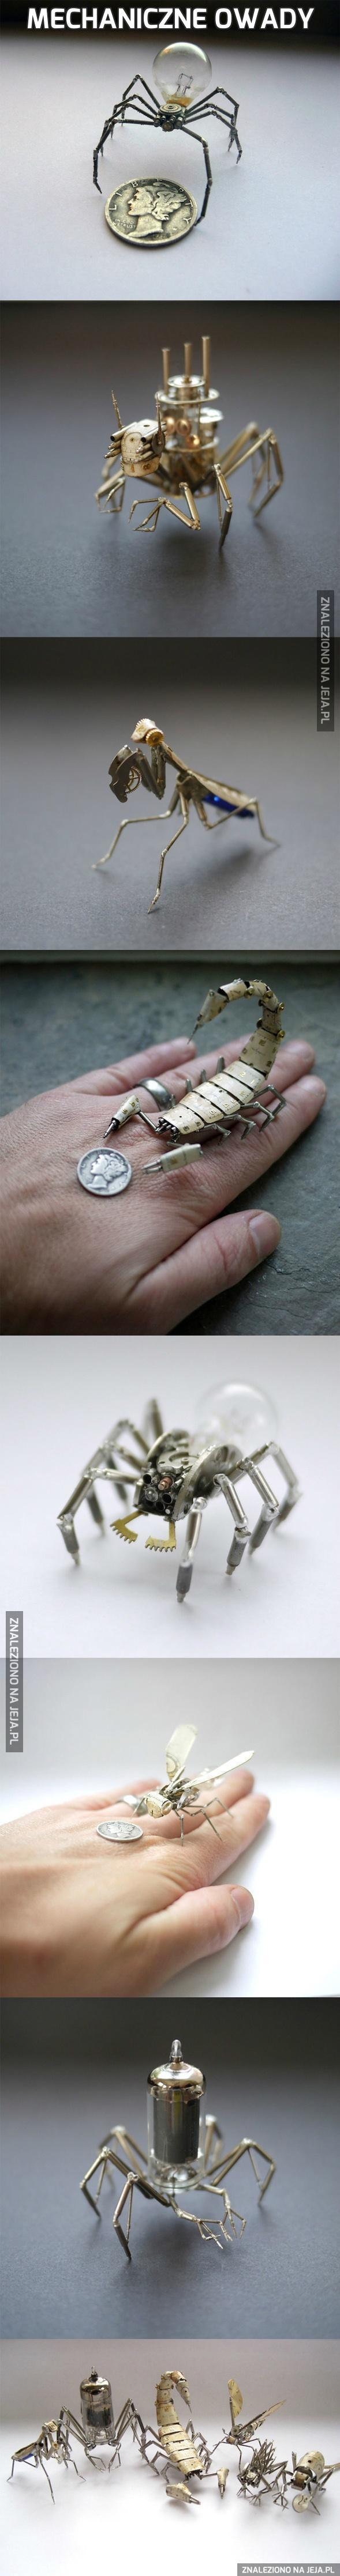 Mechaniczne owady